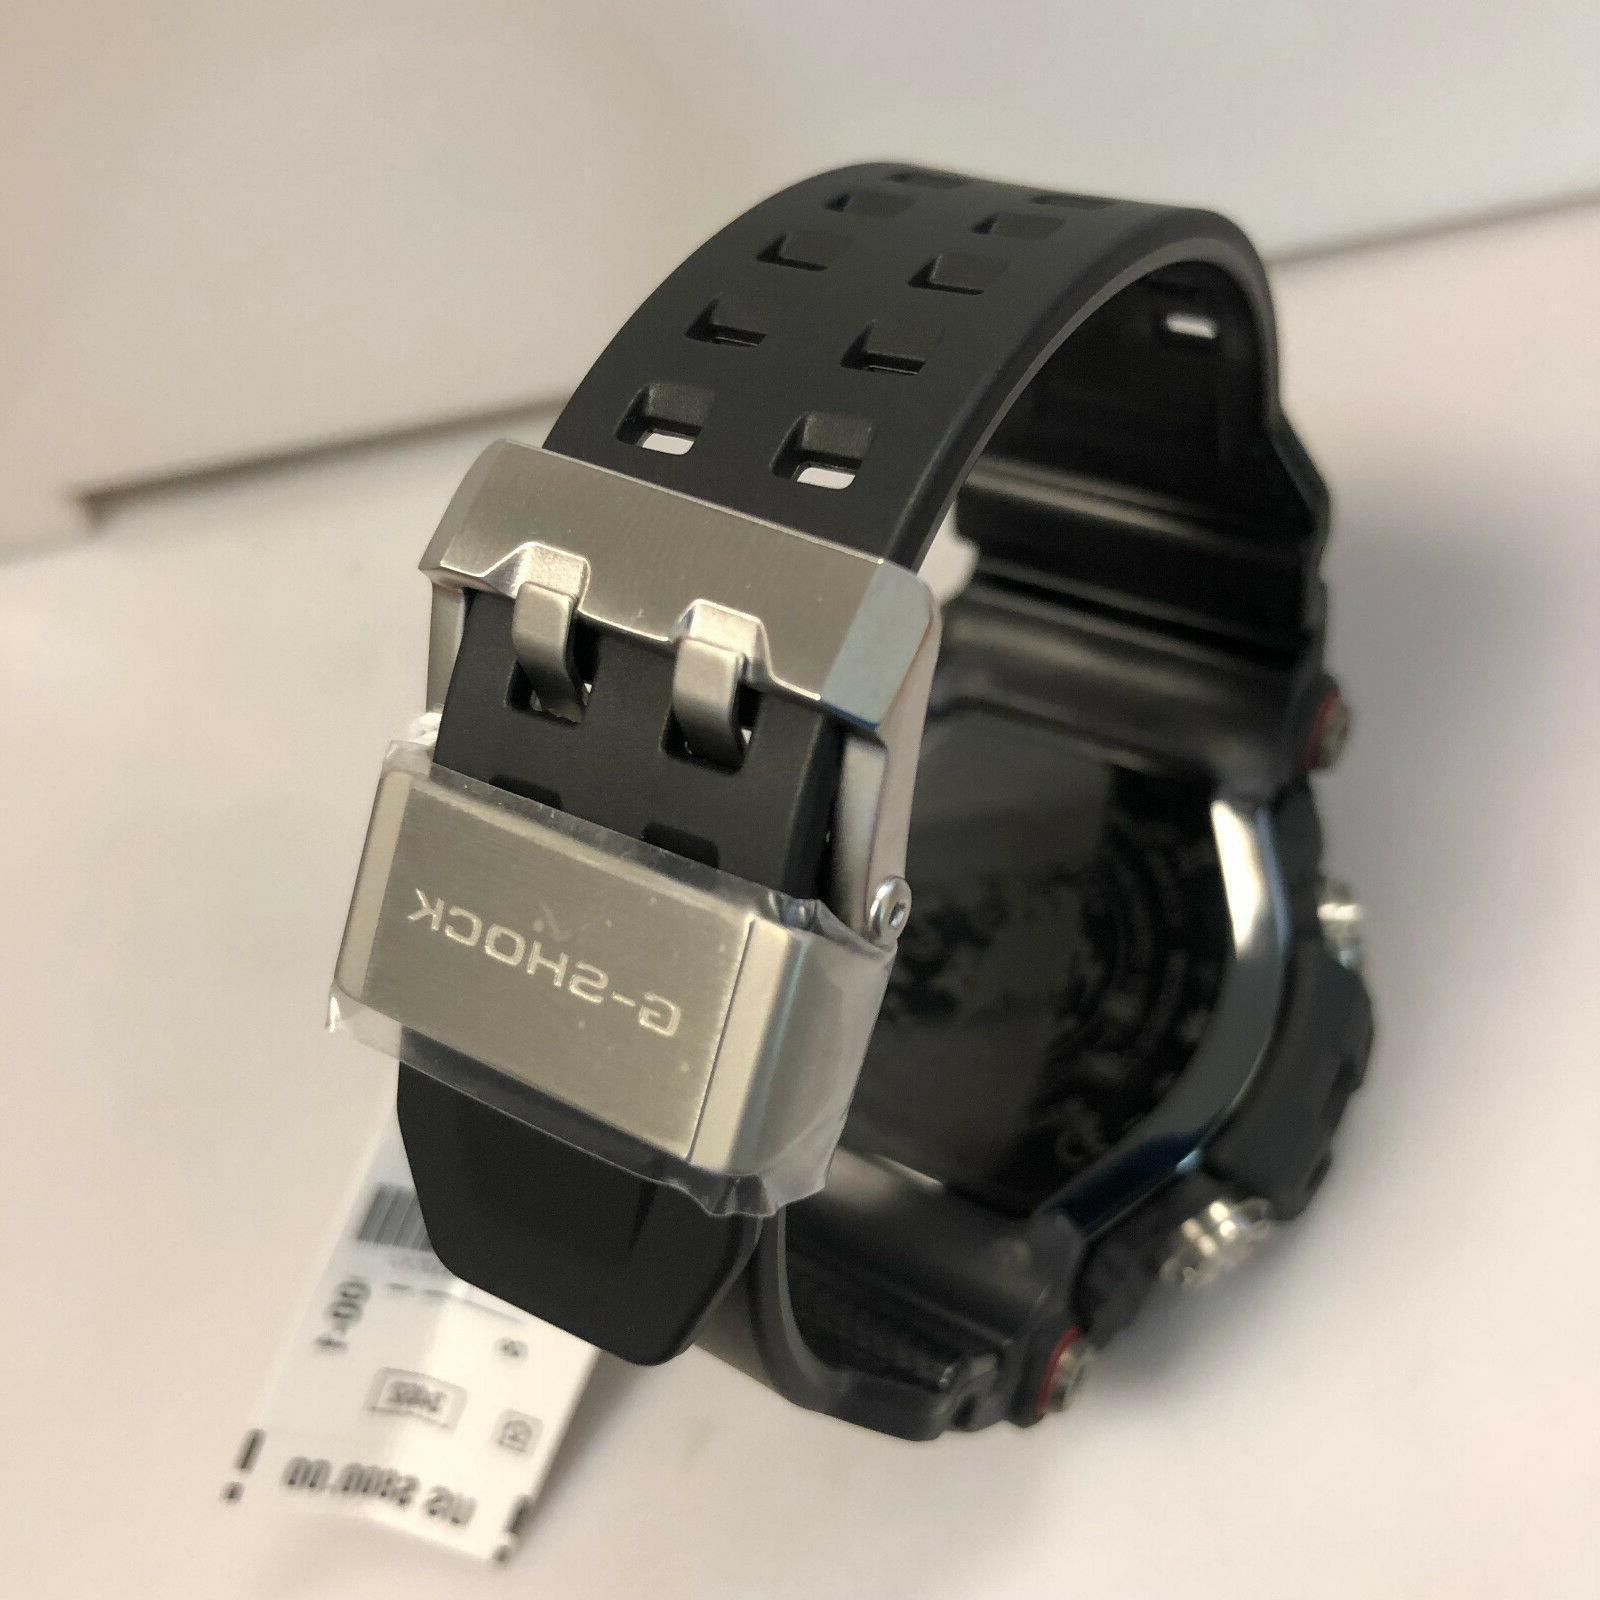 Casio G-SHOCK Rangeman Navigation GPRB1000-1 Watch 2018 New